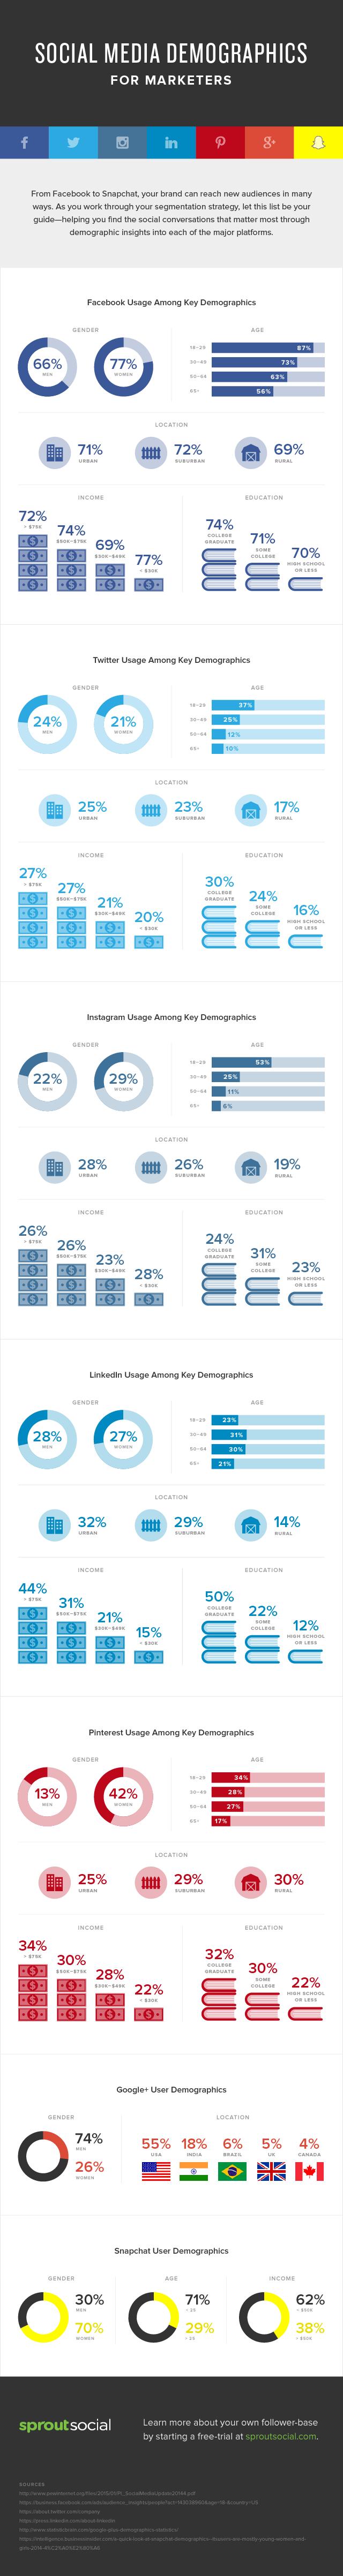 Demografía de las Redes Sociales para marketeros